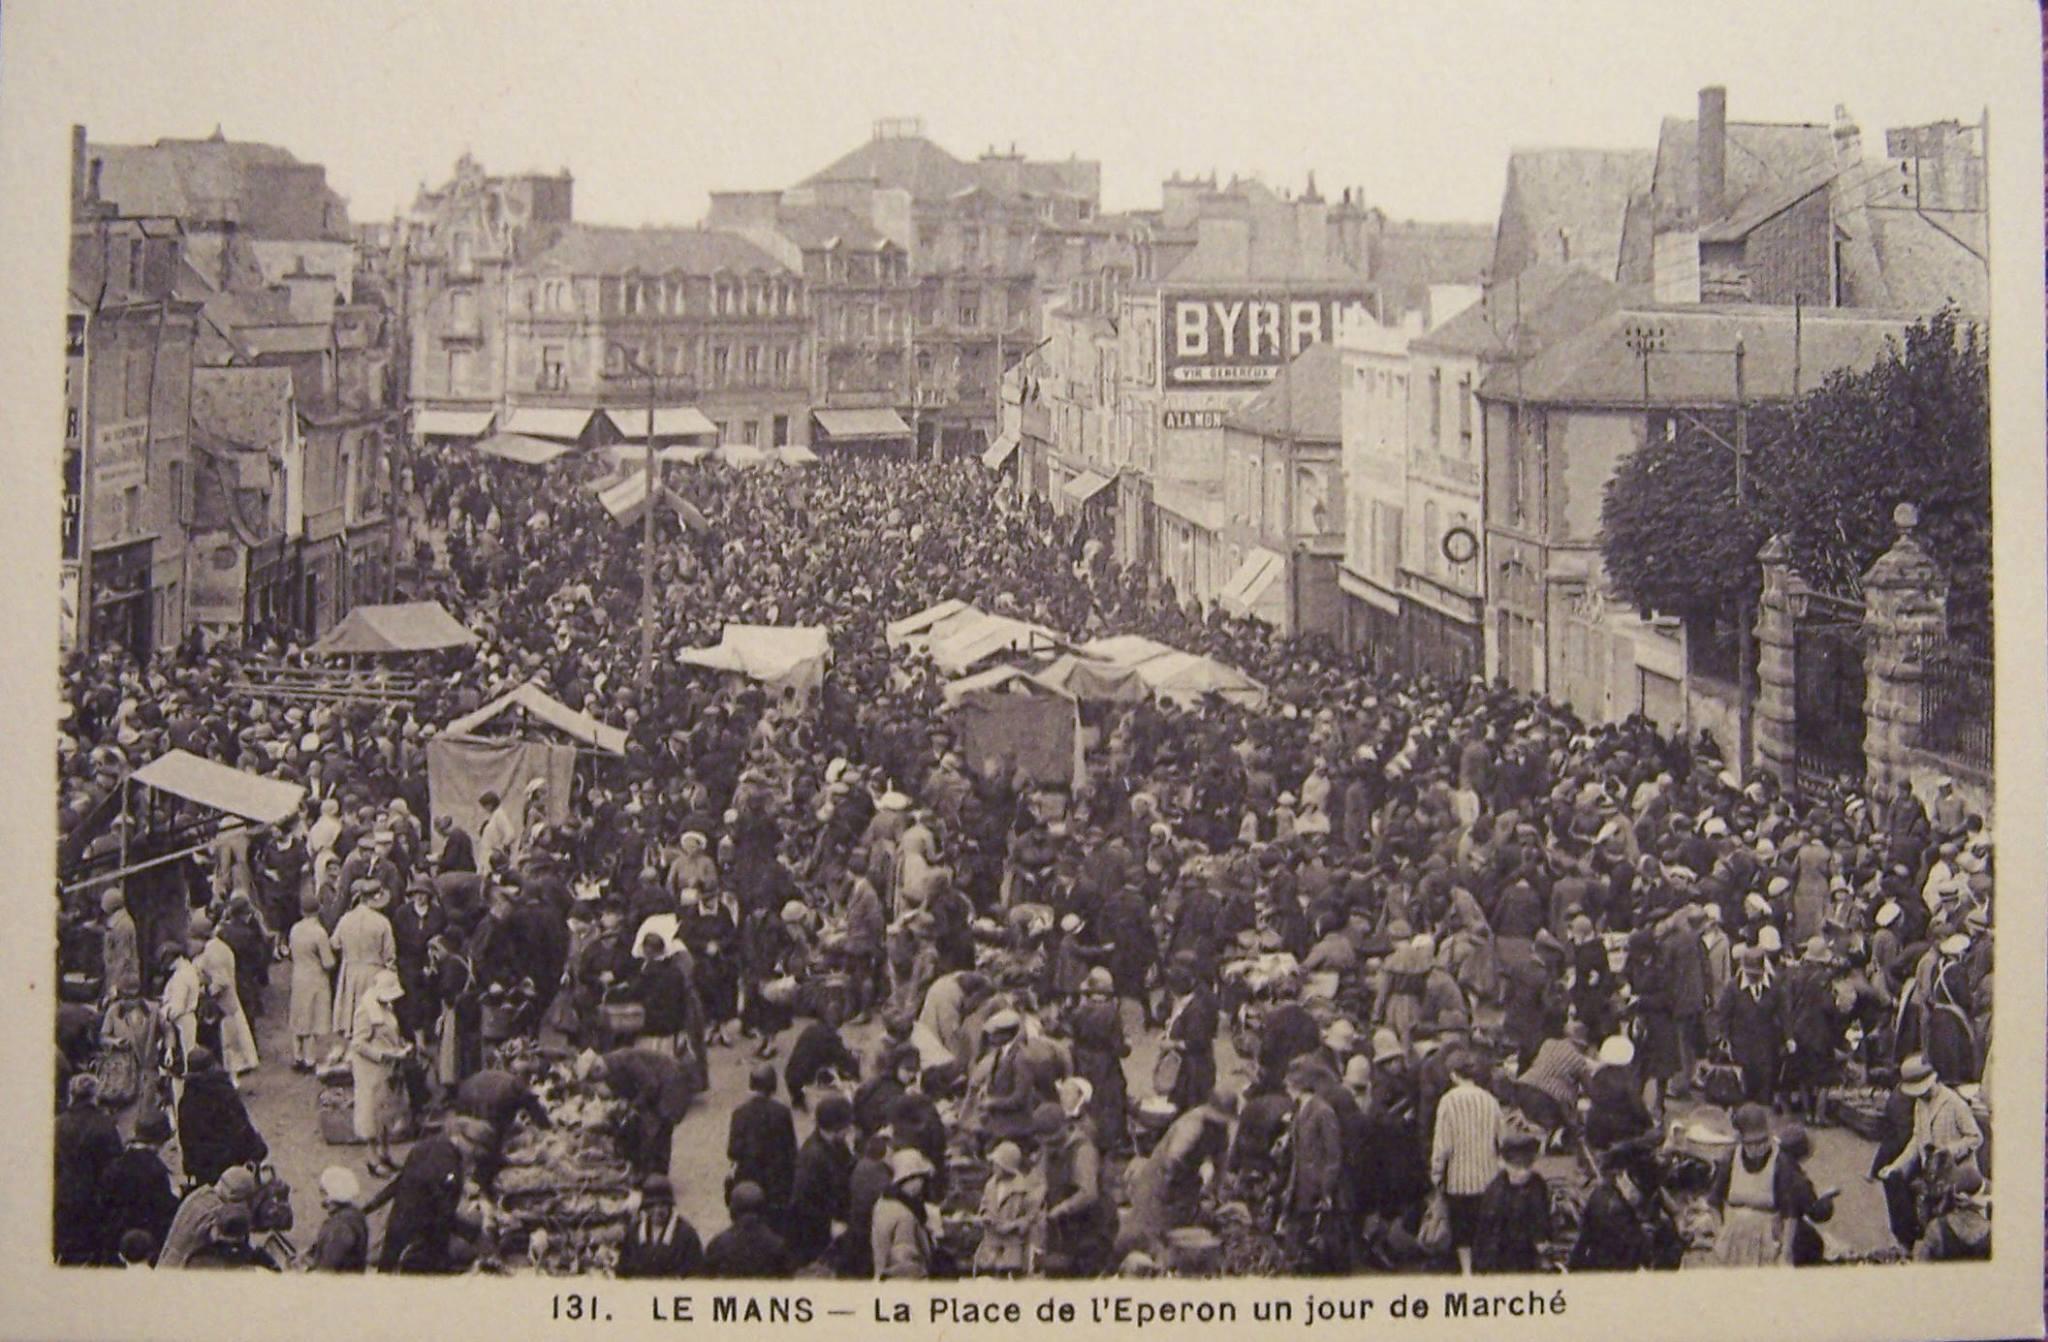 Le Mans - La Place de l'Eperon un jour de Marché